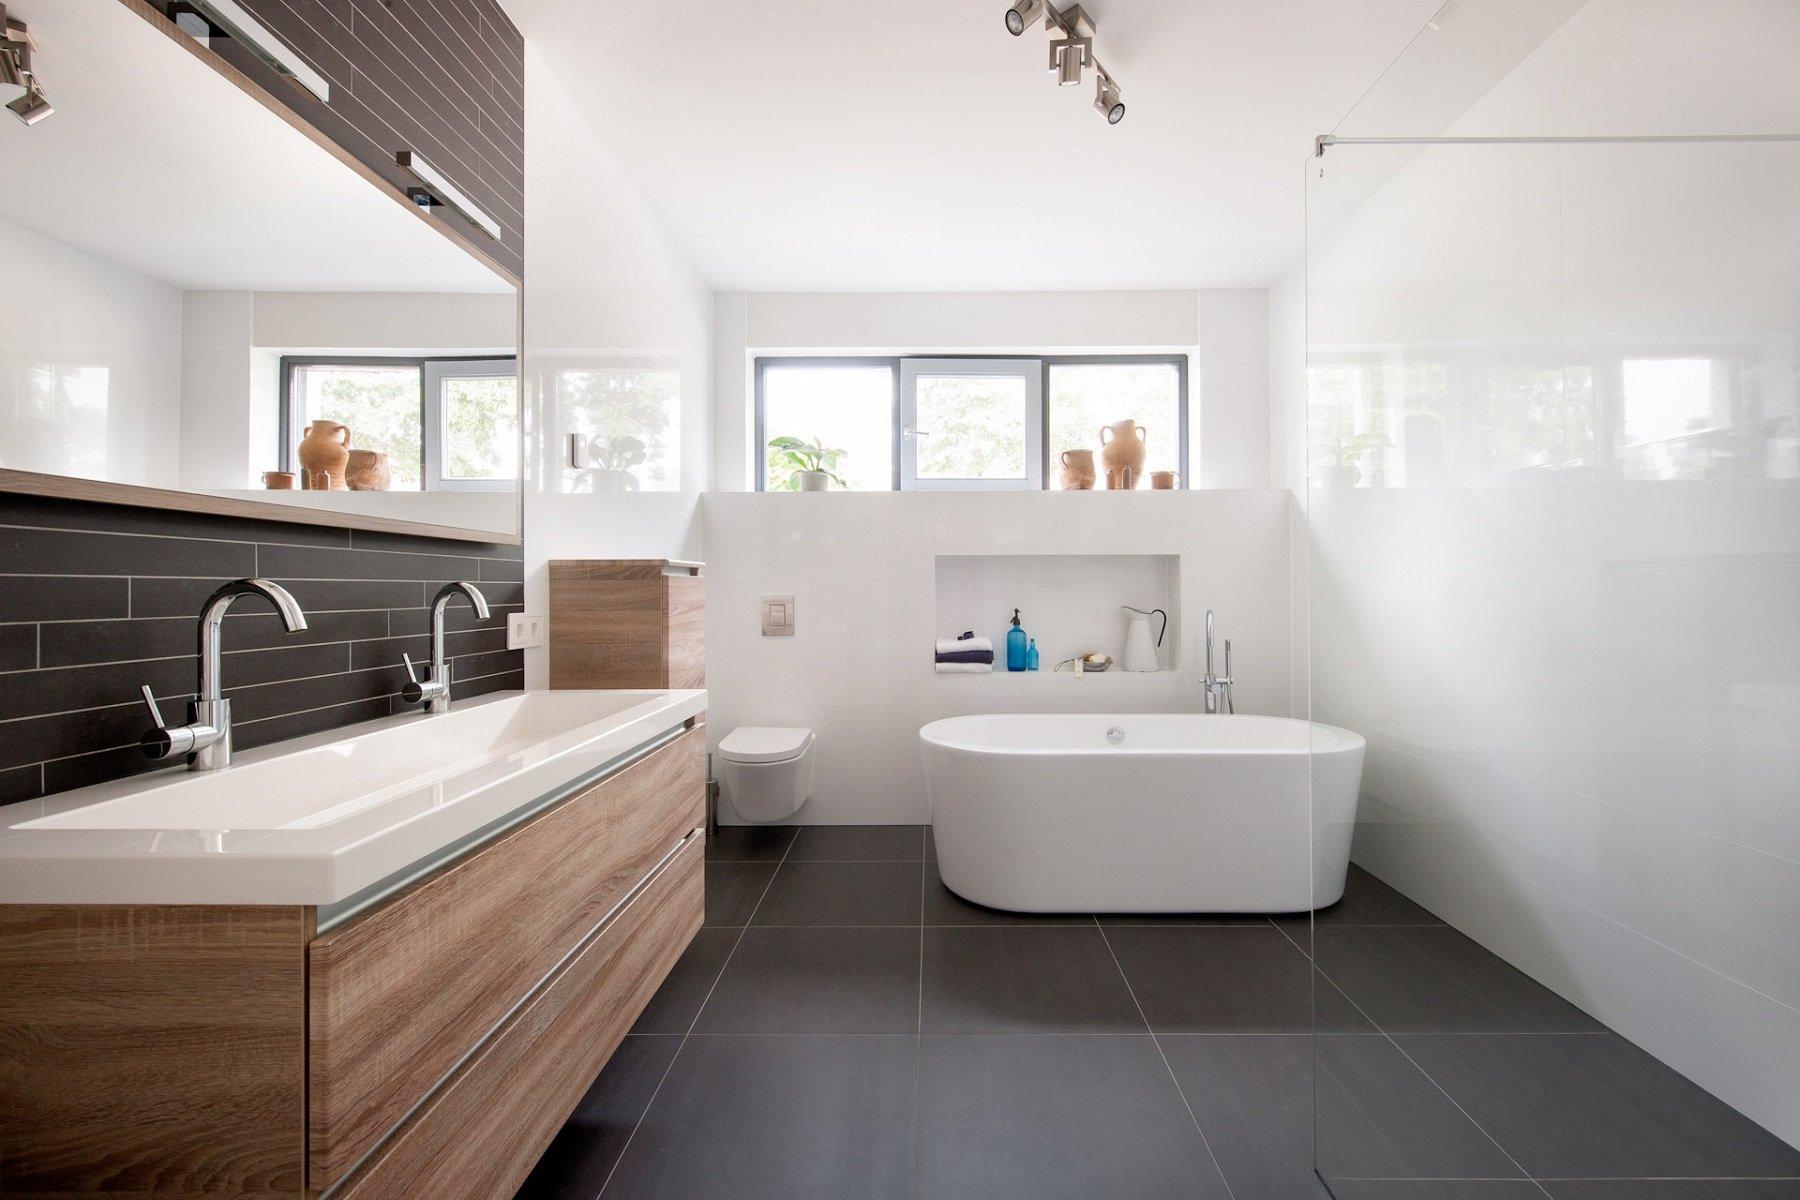 Vloer houten vloeren wit schilderen : Grijze vloertegels in Hardinxveld-Giessendam - KROON Vloeren in Steen